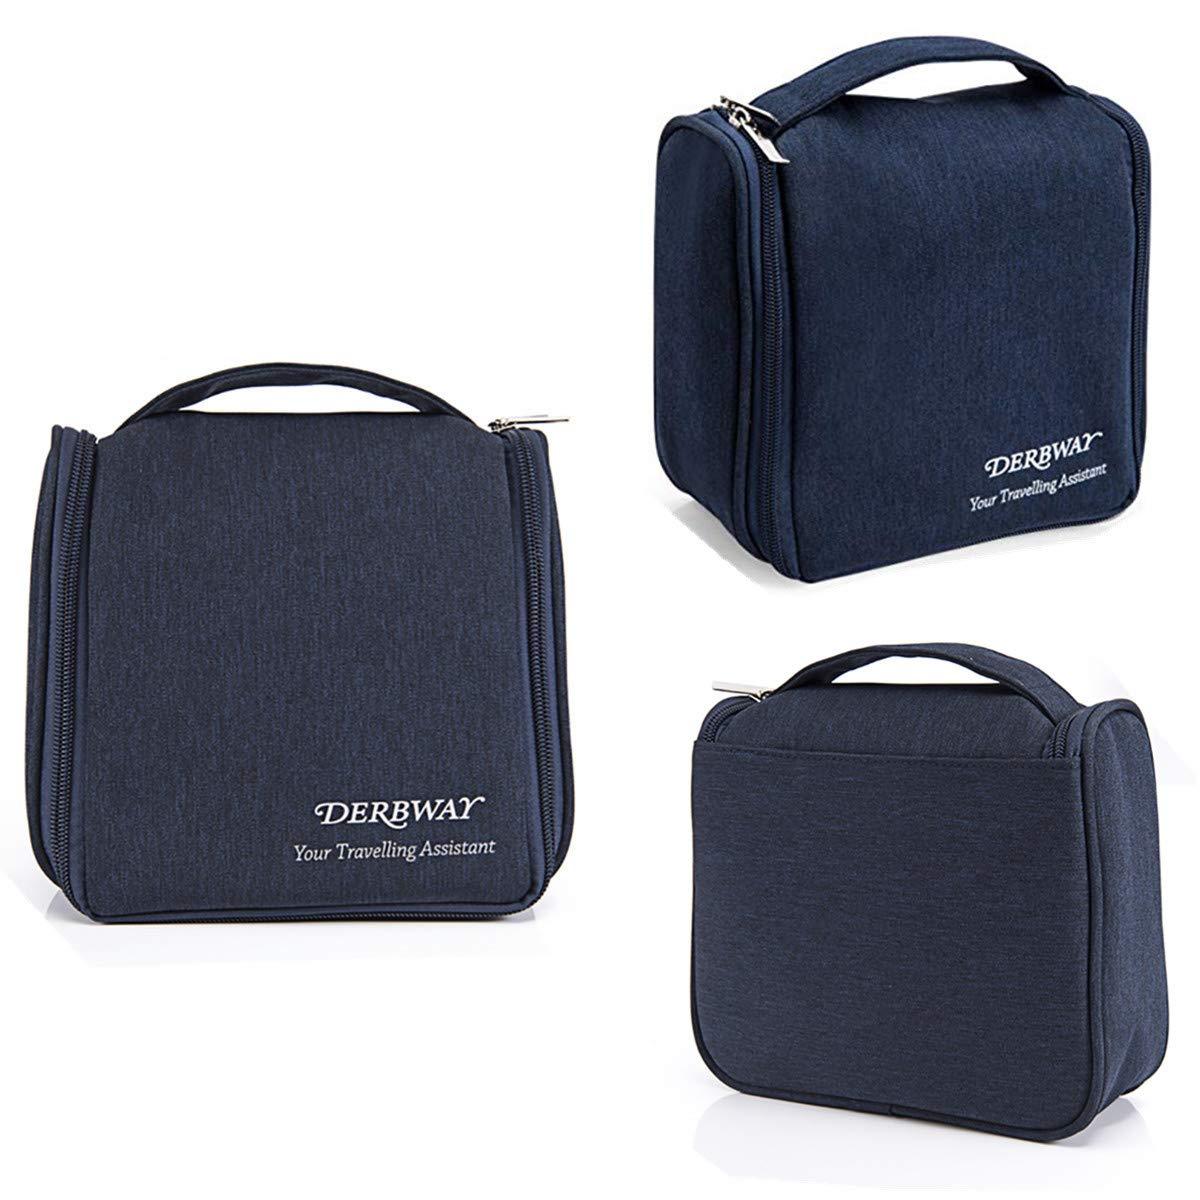 Bolsas de Aseo, gancho colgante bolso de tocador, Cosméticos Neceser de Viaje Impermeable y Plegable Multifuncional Viaje, Multi-bolsillo Neceser colgante, 17*8*21cm , Azul Oscuro